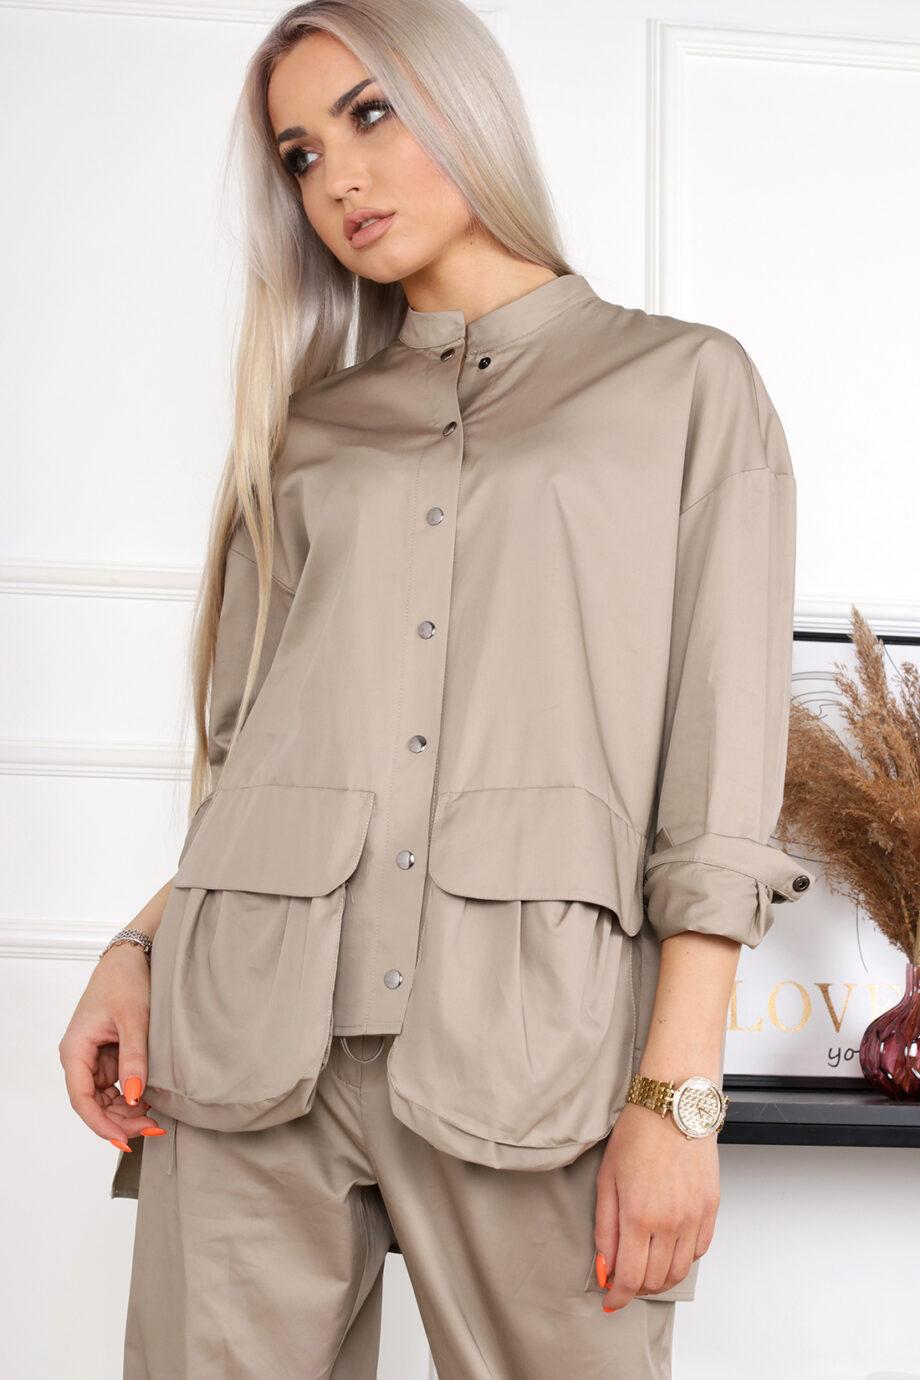 PISTACJA bluza (1)